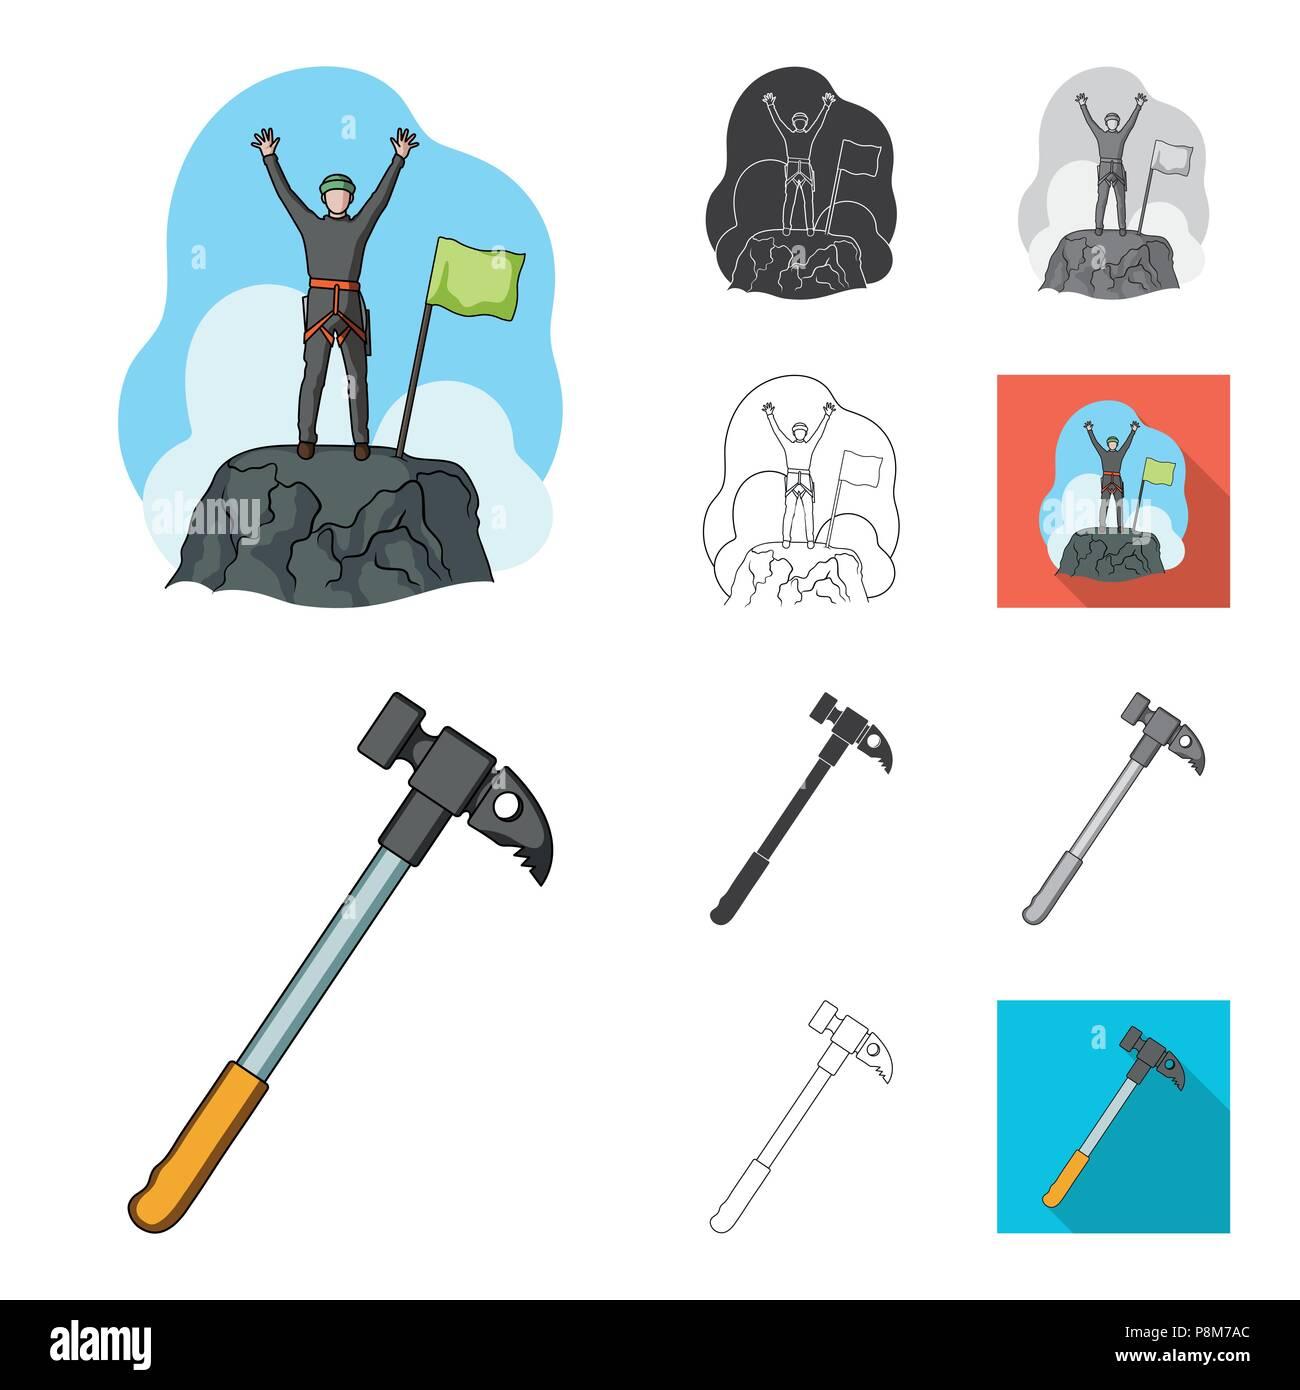 5199ee44207 Montañismo y escalada cartoon,negro,planas,Esquema monocromo, iconos en  conjunto para el diseño. Equipos y accesorios símbolo vector stock i